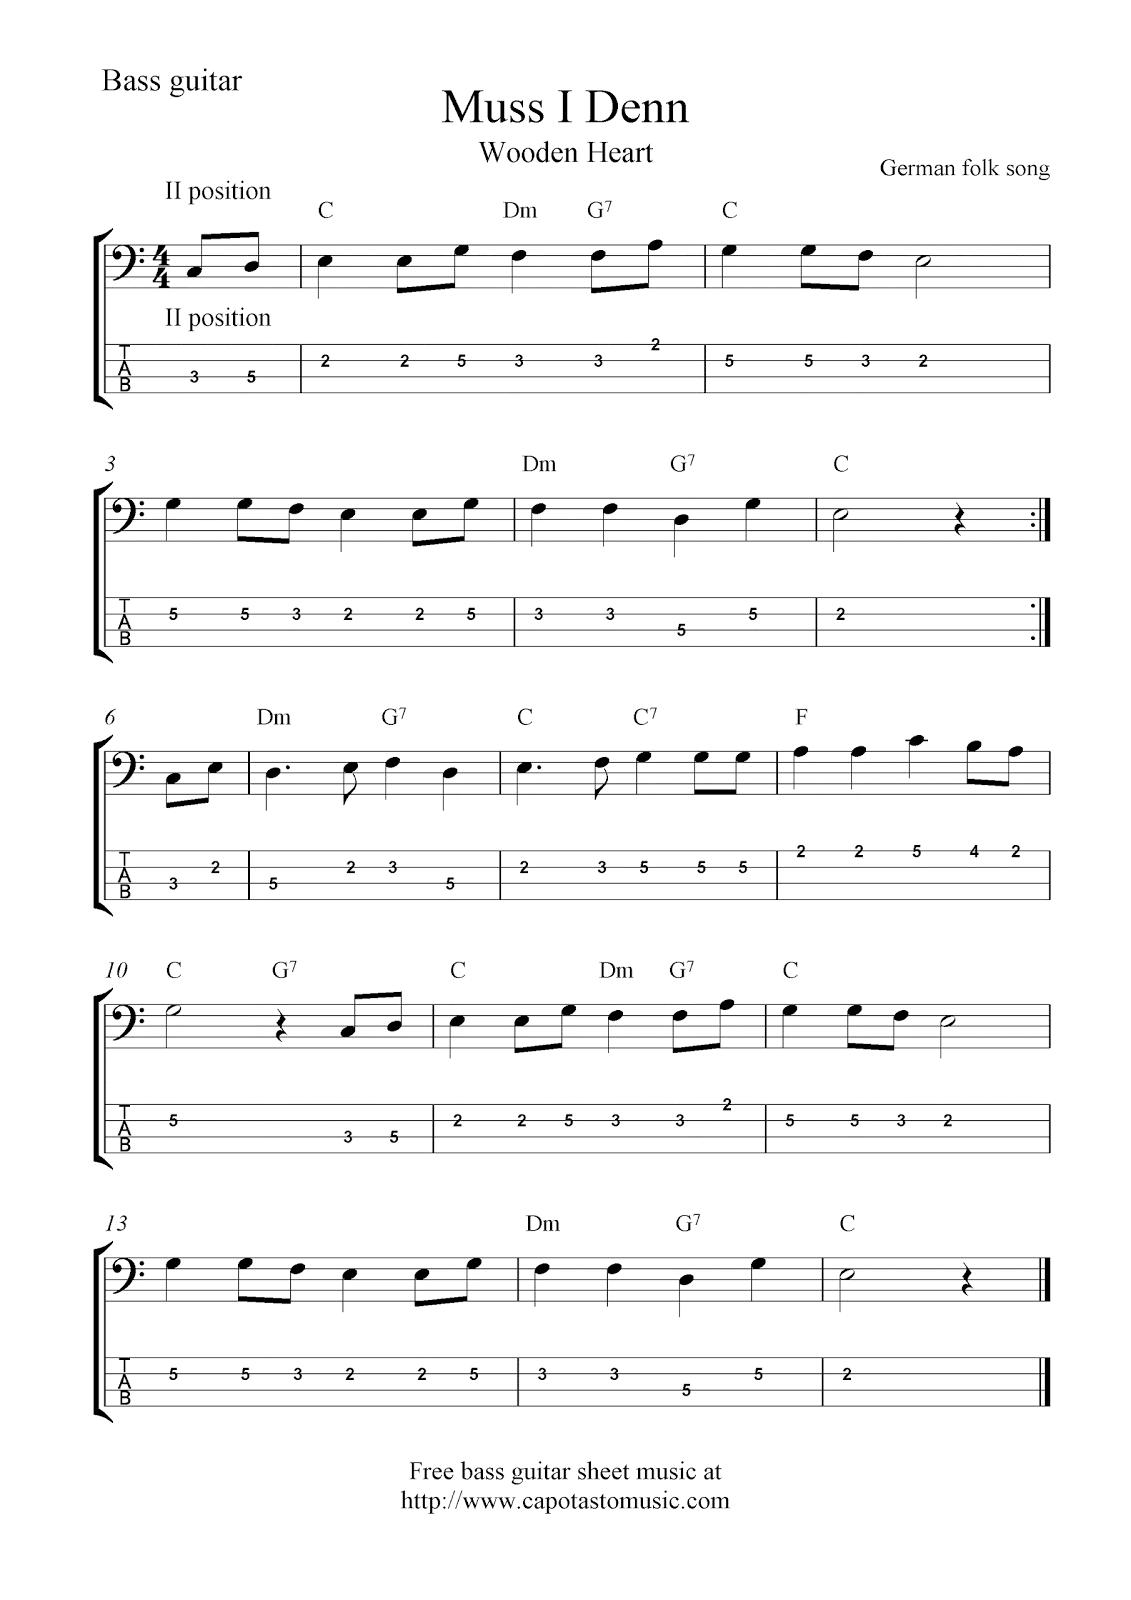 Bass Guitar Sheet Music For Beginners